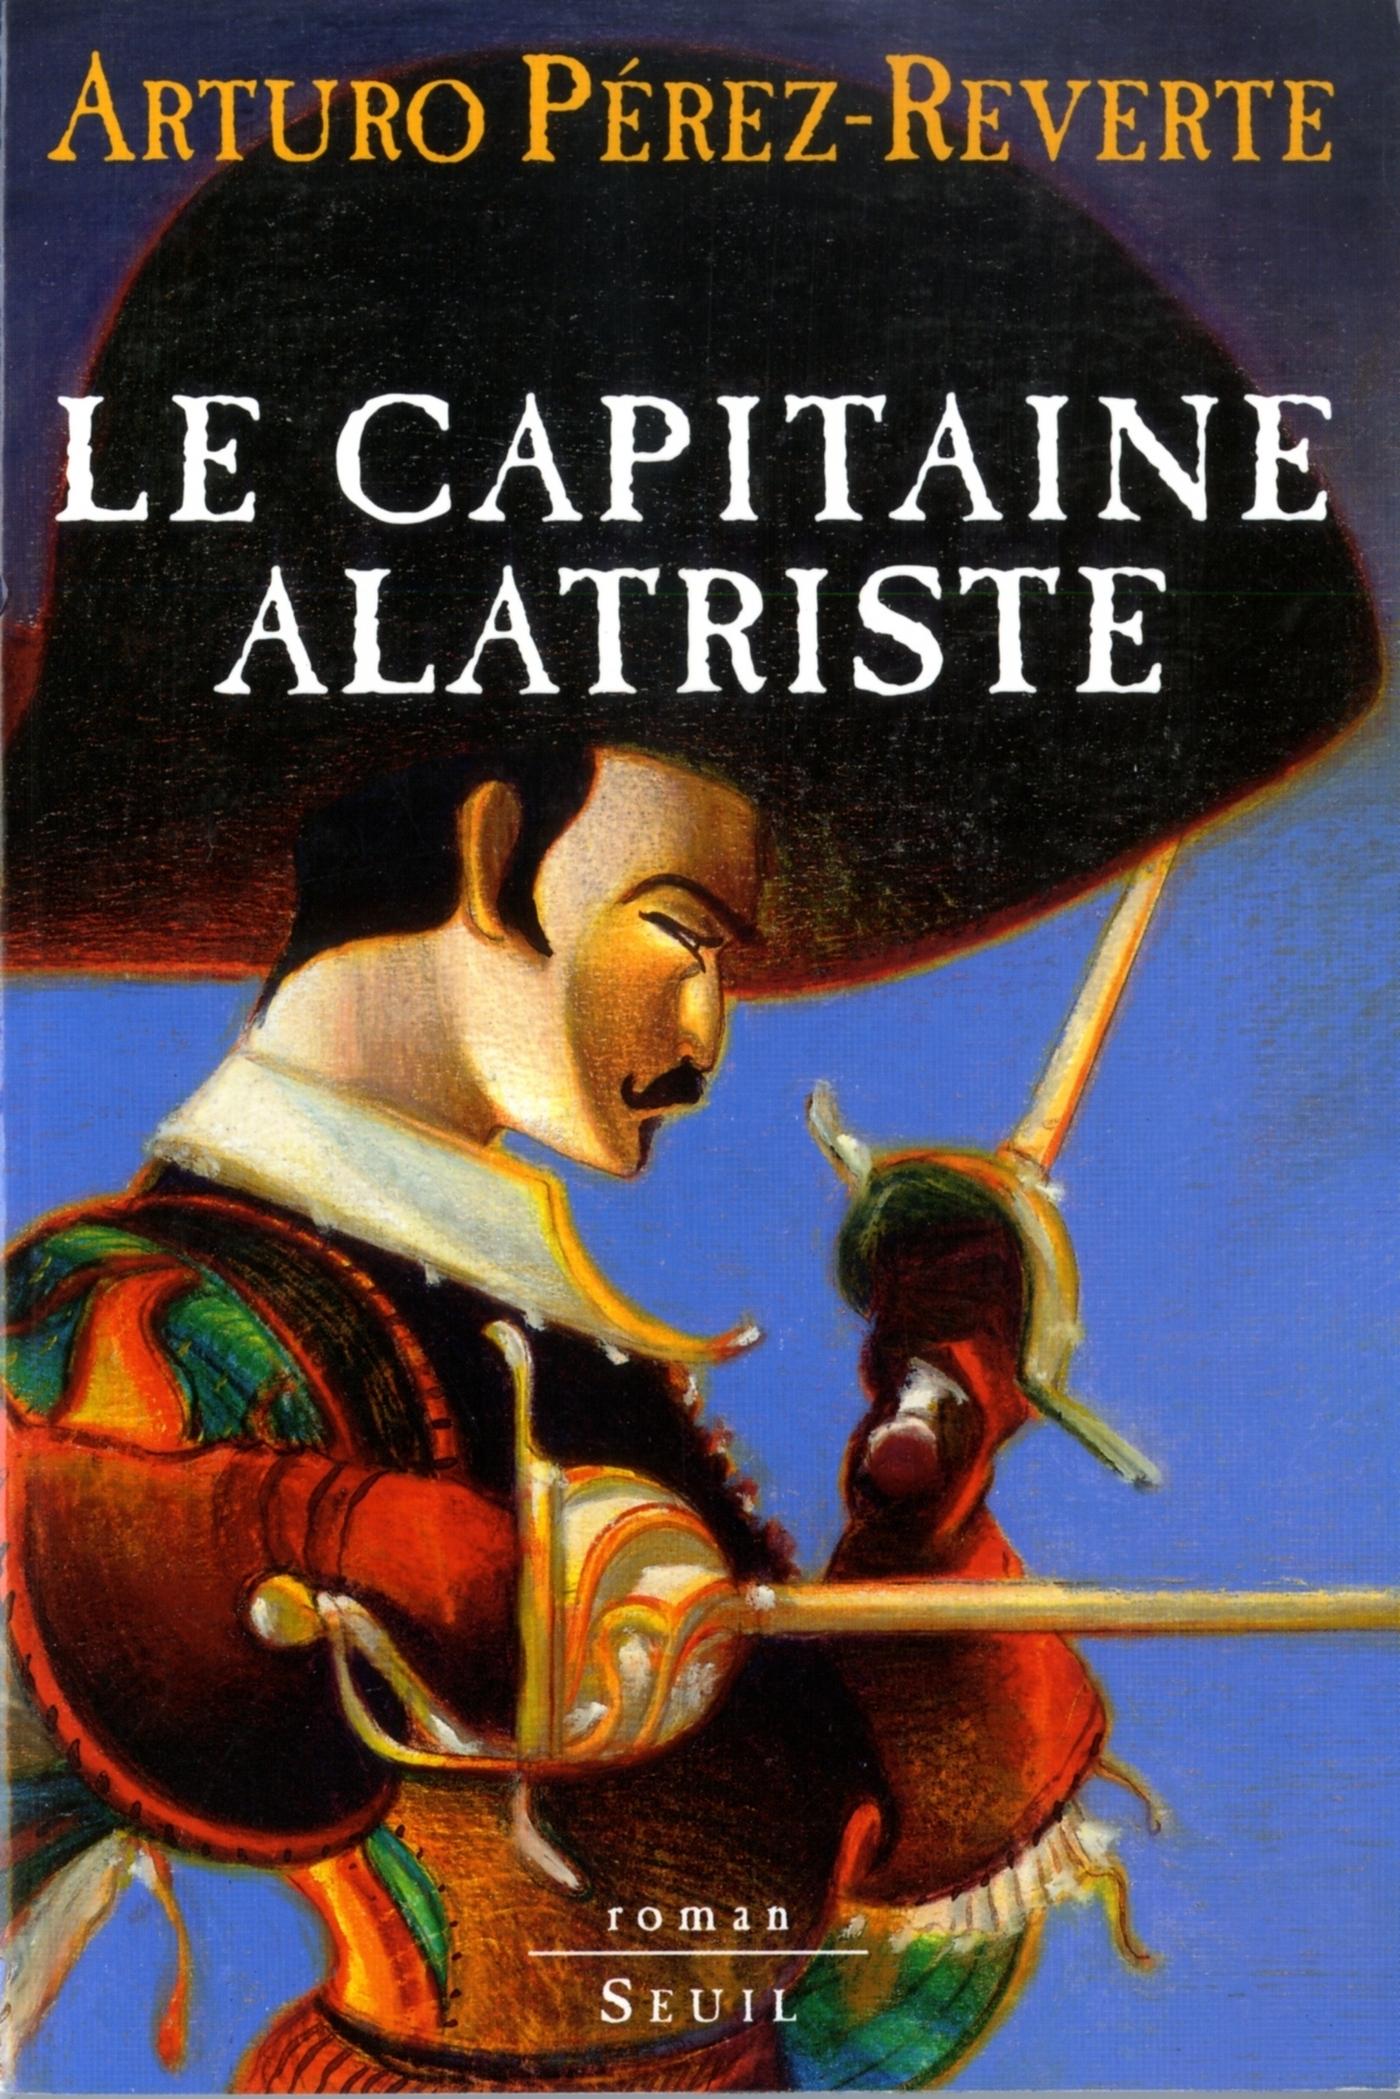 Le Capitaine Alatriste, Les Aventures du Capitaine Alatriste, t. 1 | Pérez-Reverte, Arturo